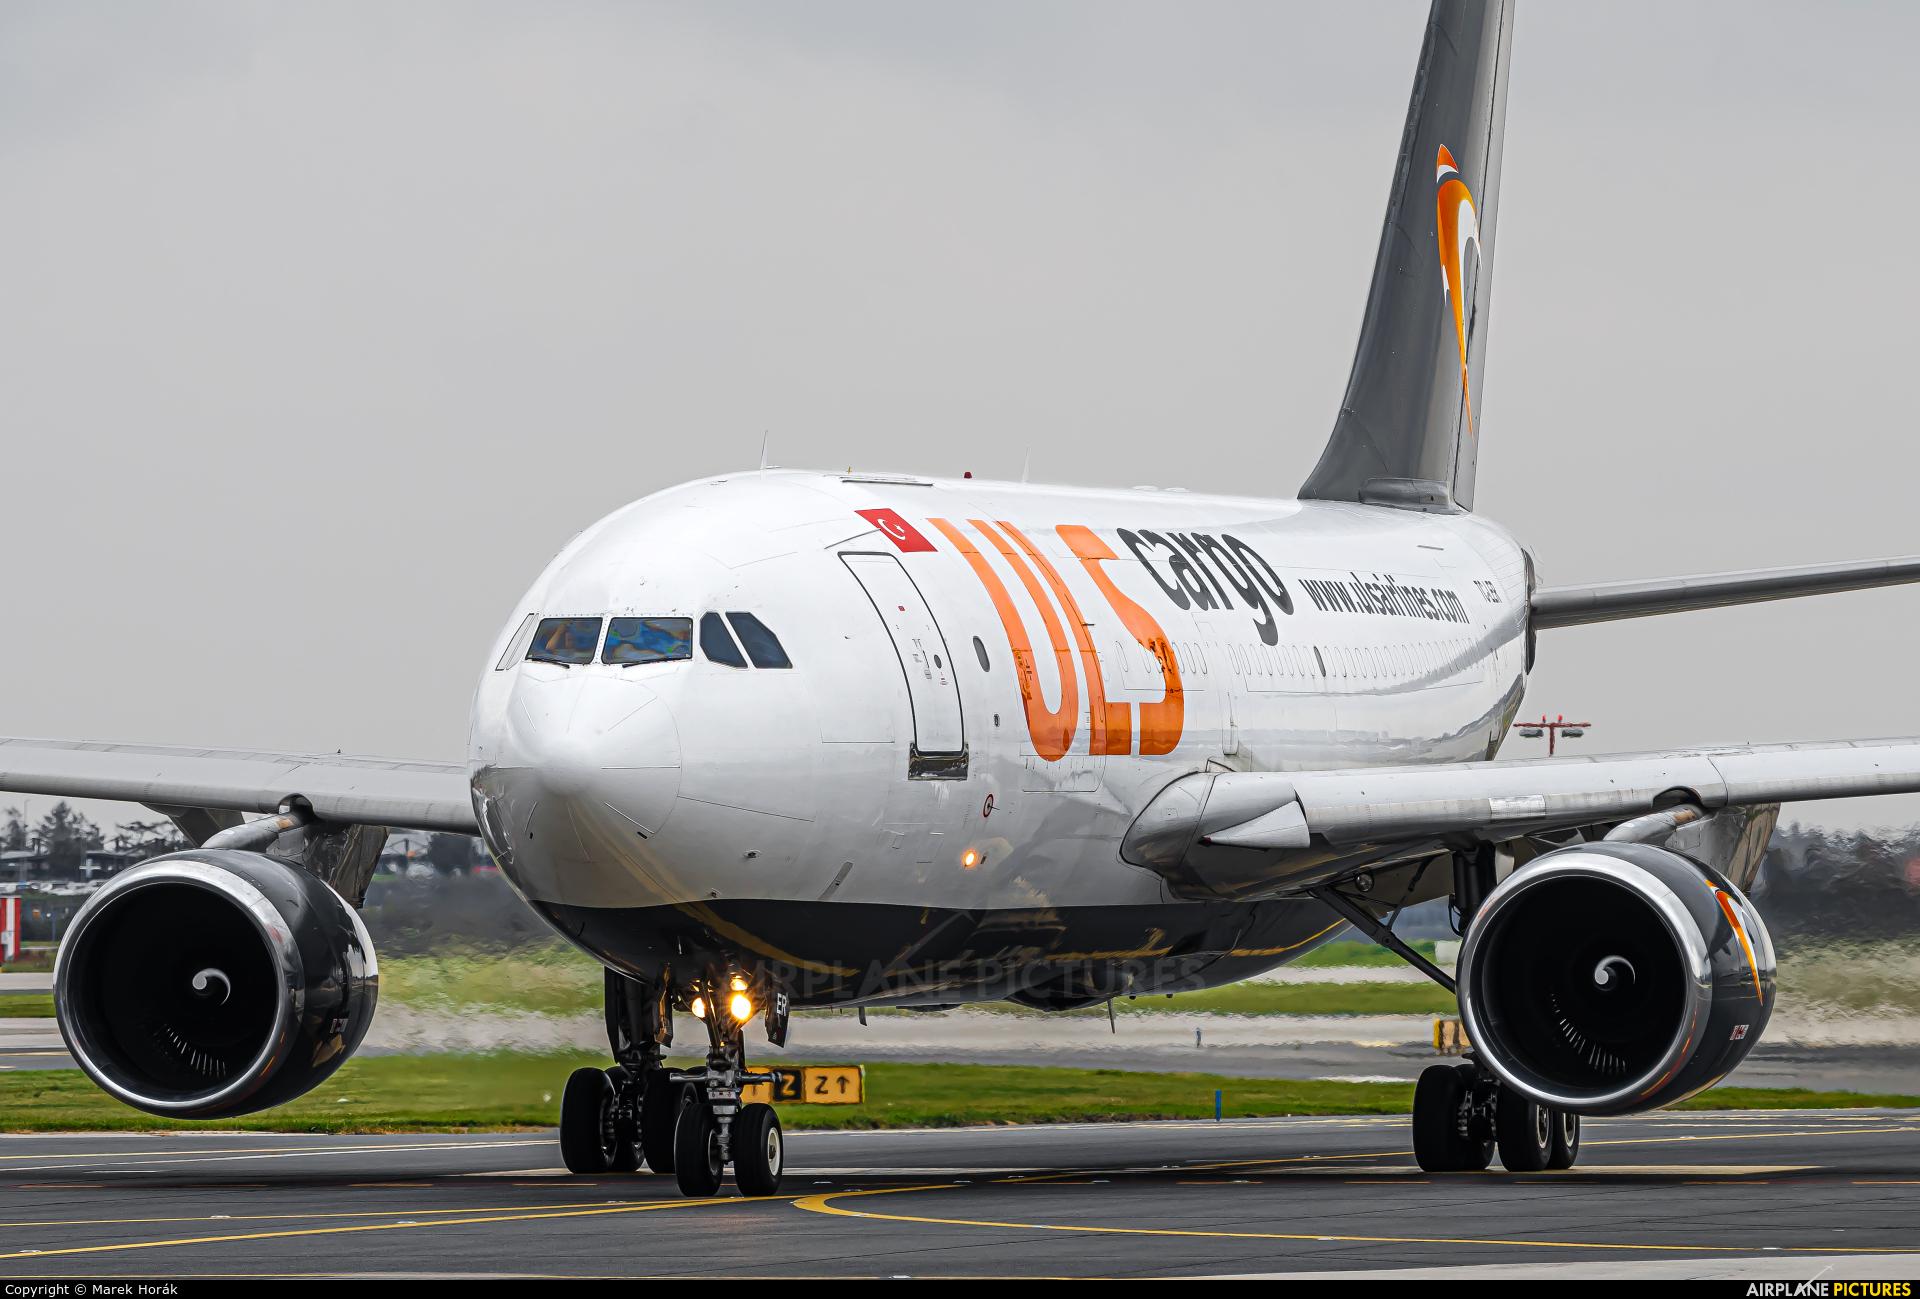 ULS Cargo TC-LER aircraft at Prague - Václav Havel